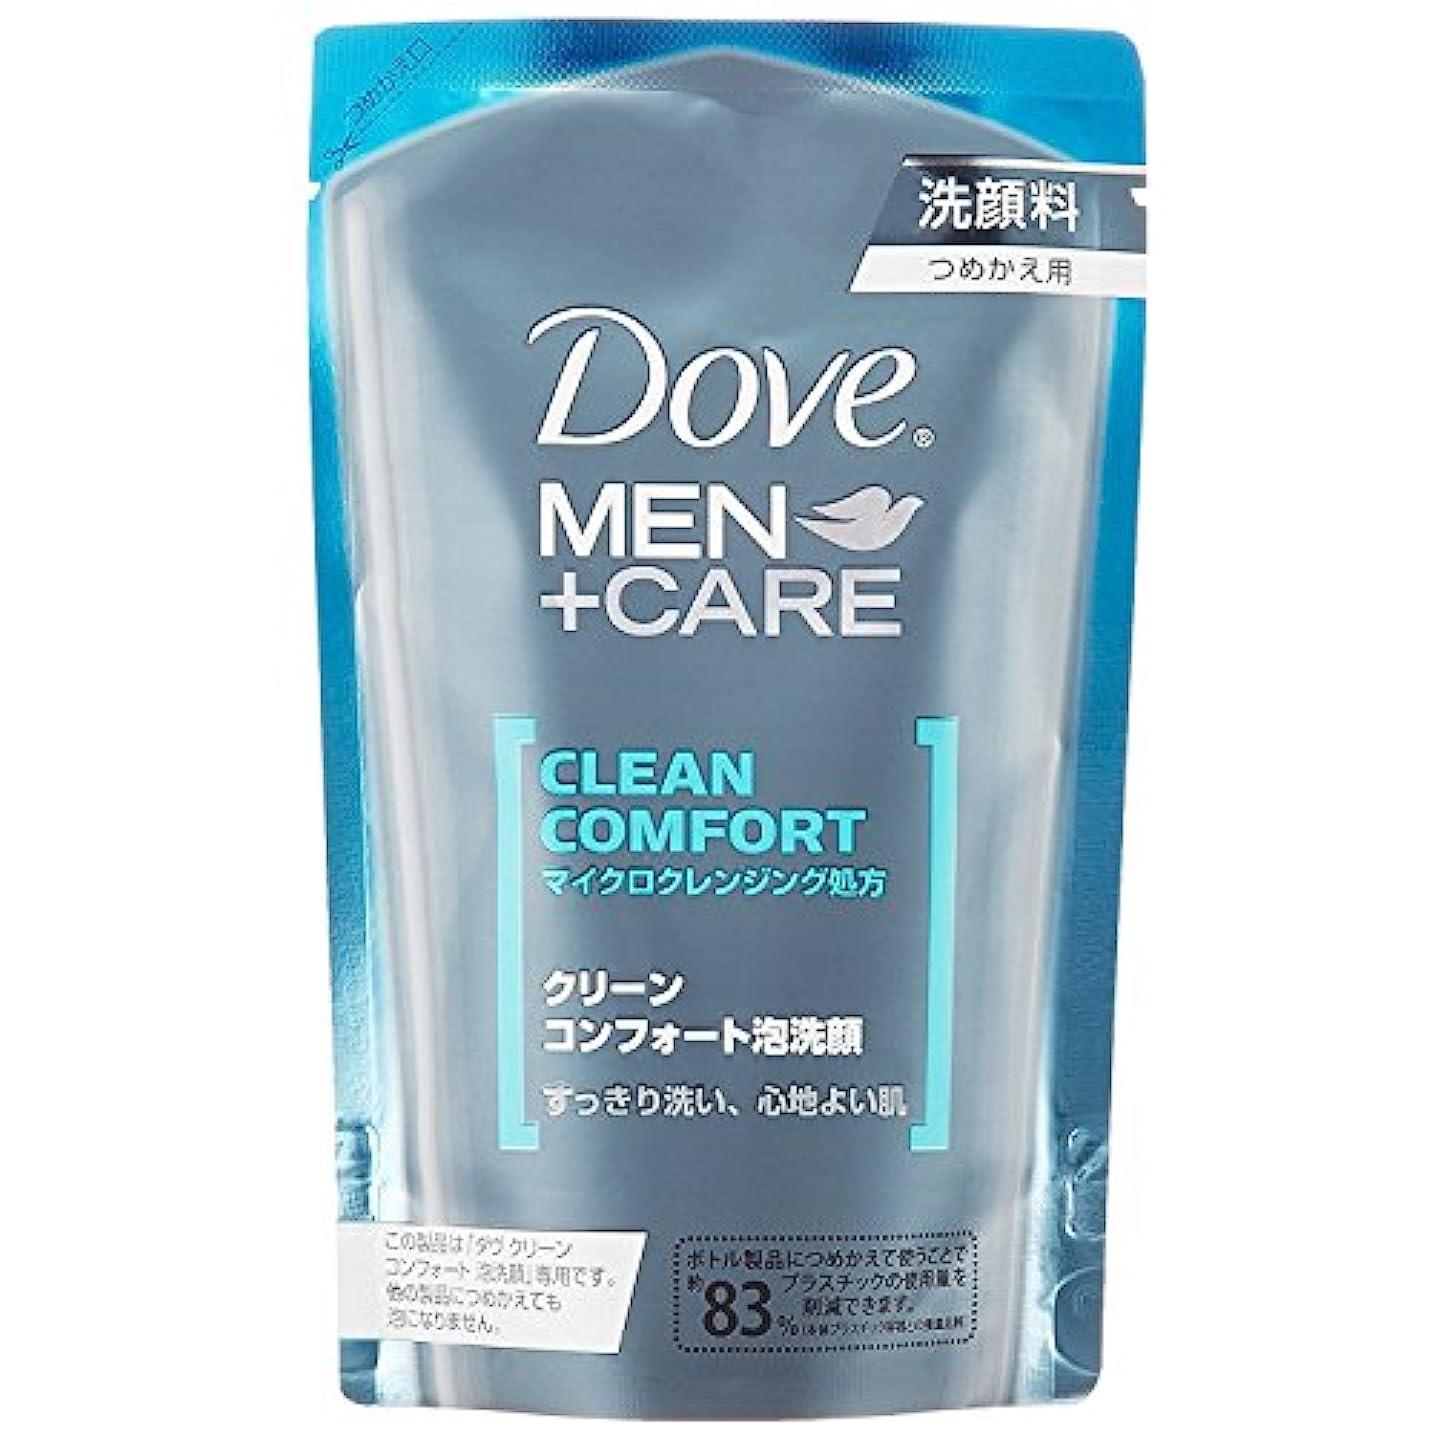 こしょう熟考する非常にダヴ クリーンコンフォート 泡洗顔 つめかえ用 110ml